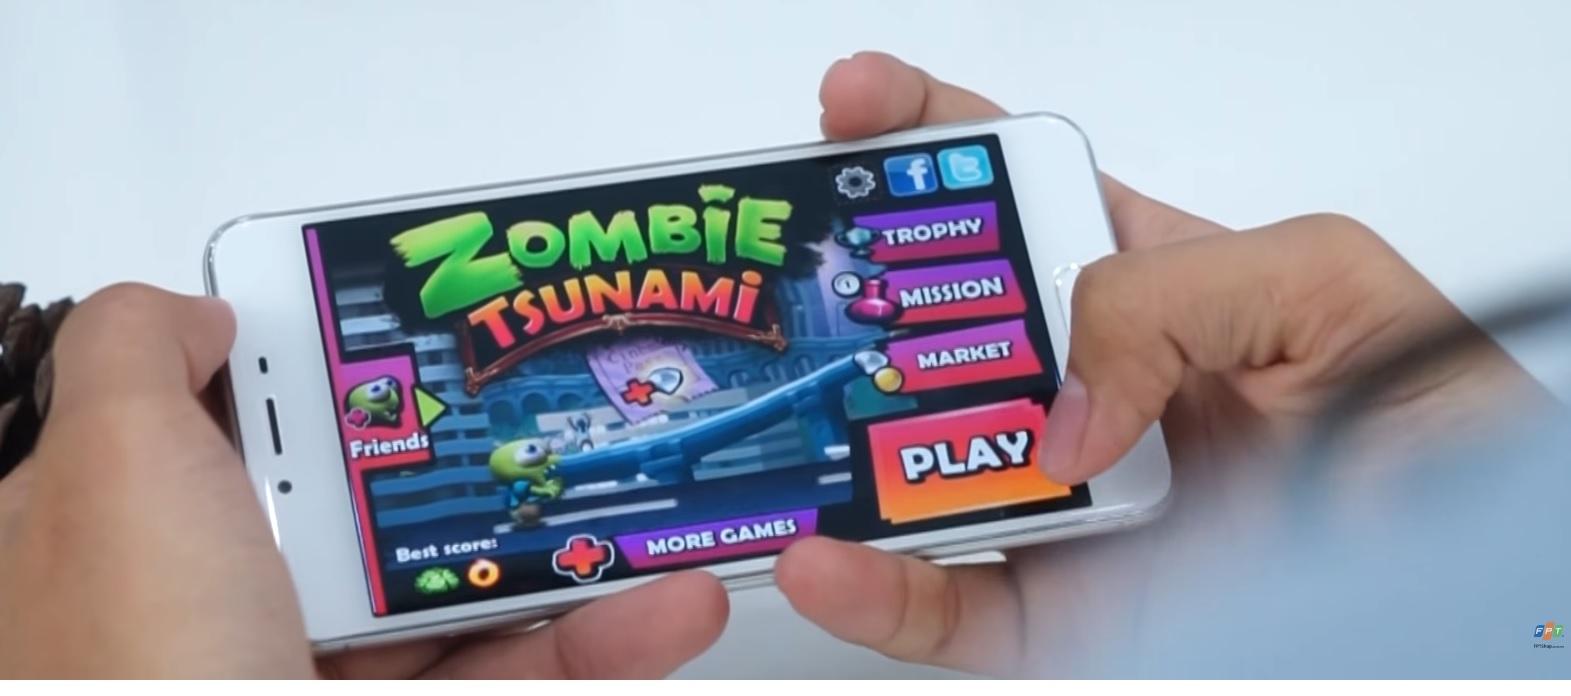 Với các tựa game nhẹ như Zombie Tsunami thì M3s hoạt động mượt mà, không có độ trễ